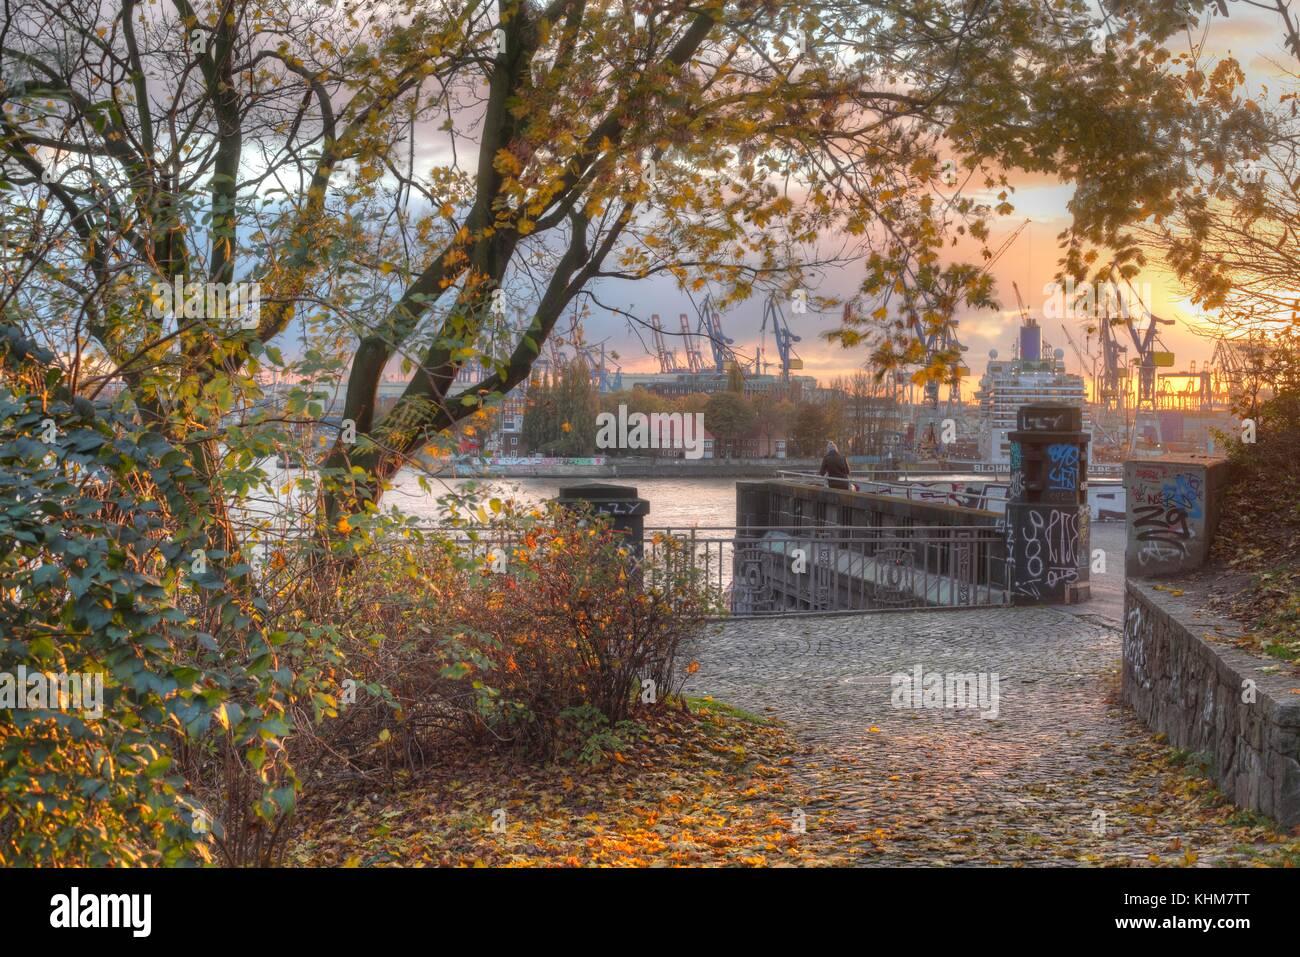 Sankt-pauli- Landungsbrücken und den Hafen im Herbst am Abend, Hamburg, Deutschland, Europa ich Herbststimmung Stockbild